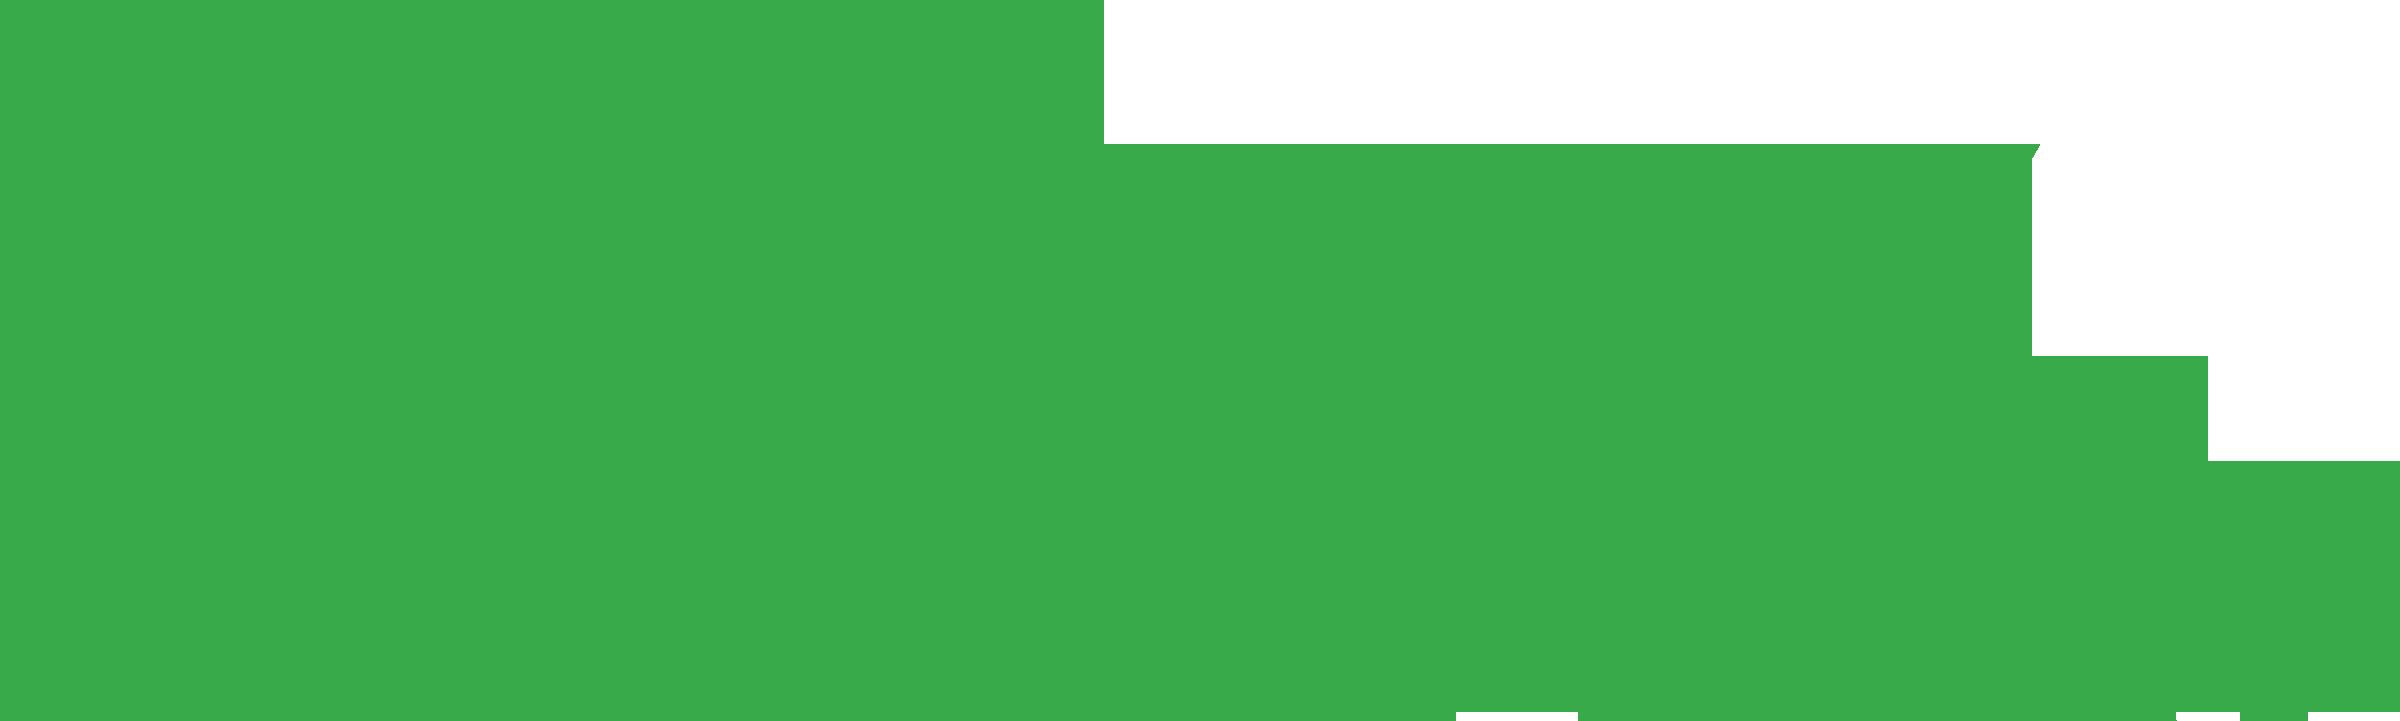 Forexfectory.com